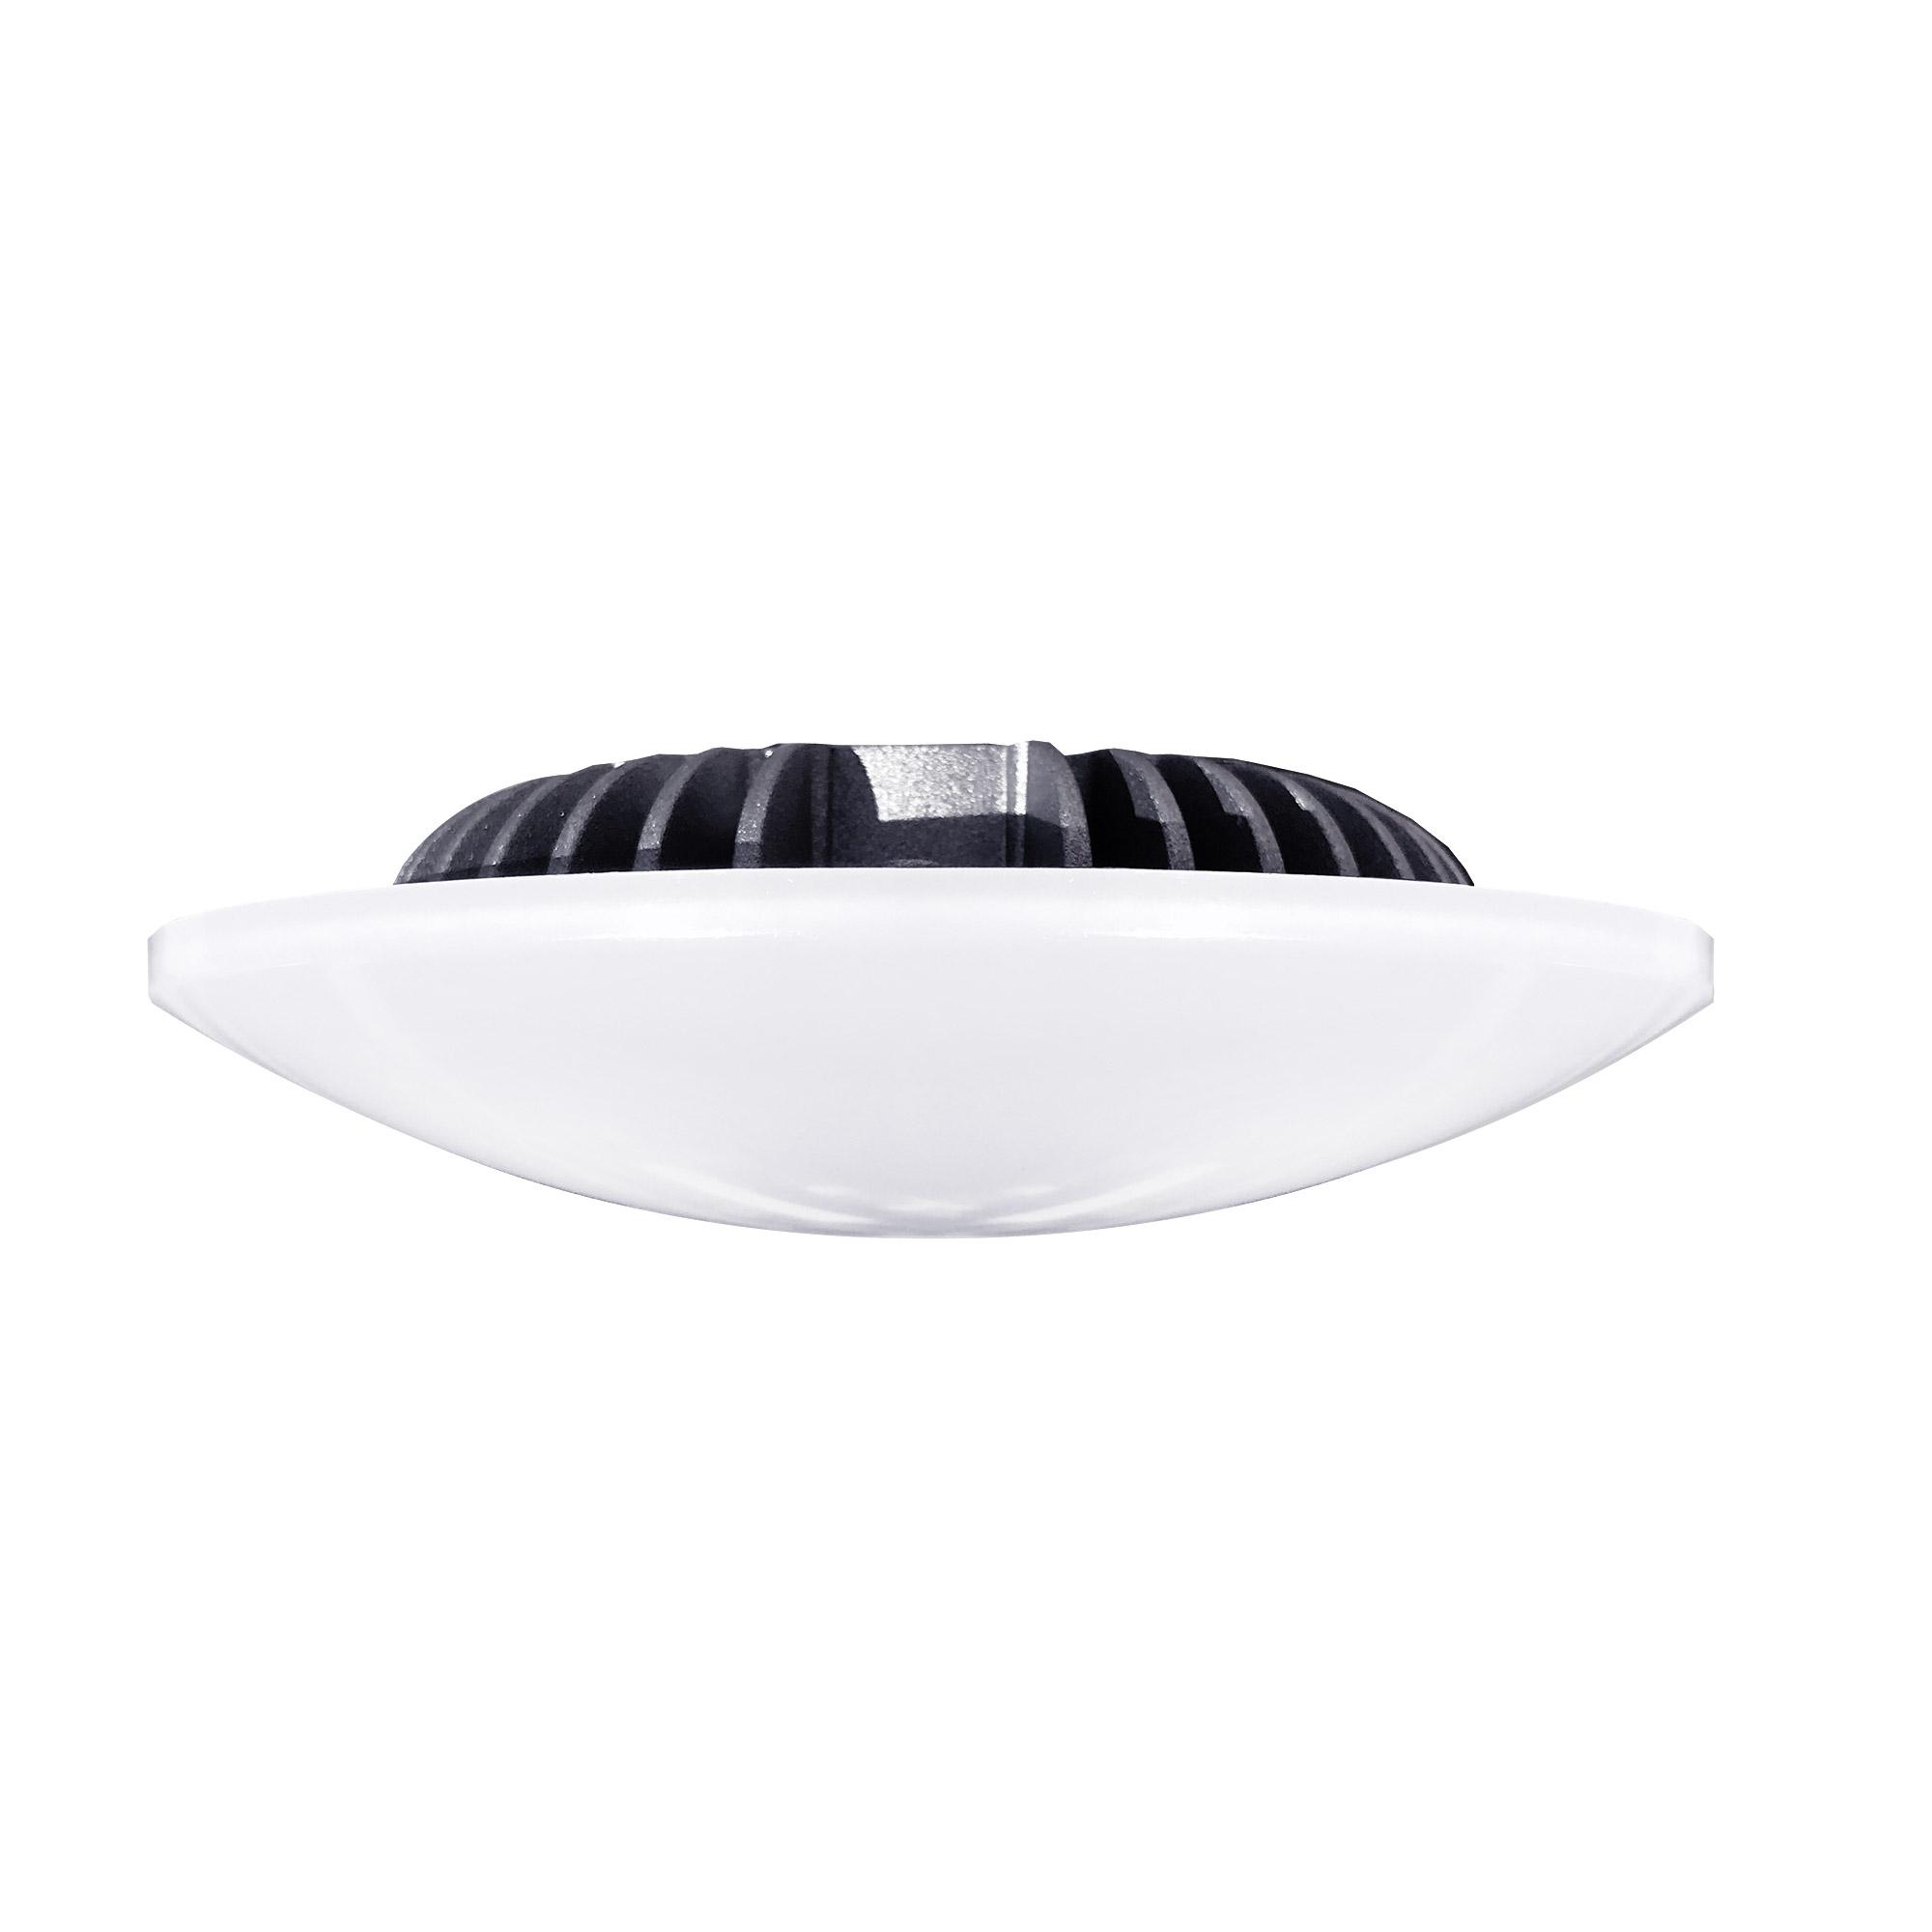 17W LED Light Kit for Arumi Ceiling Fans